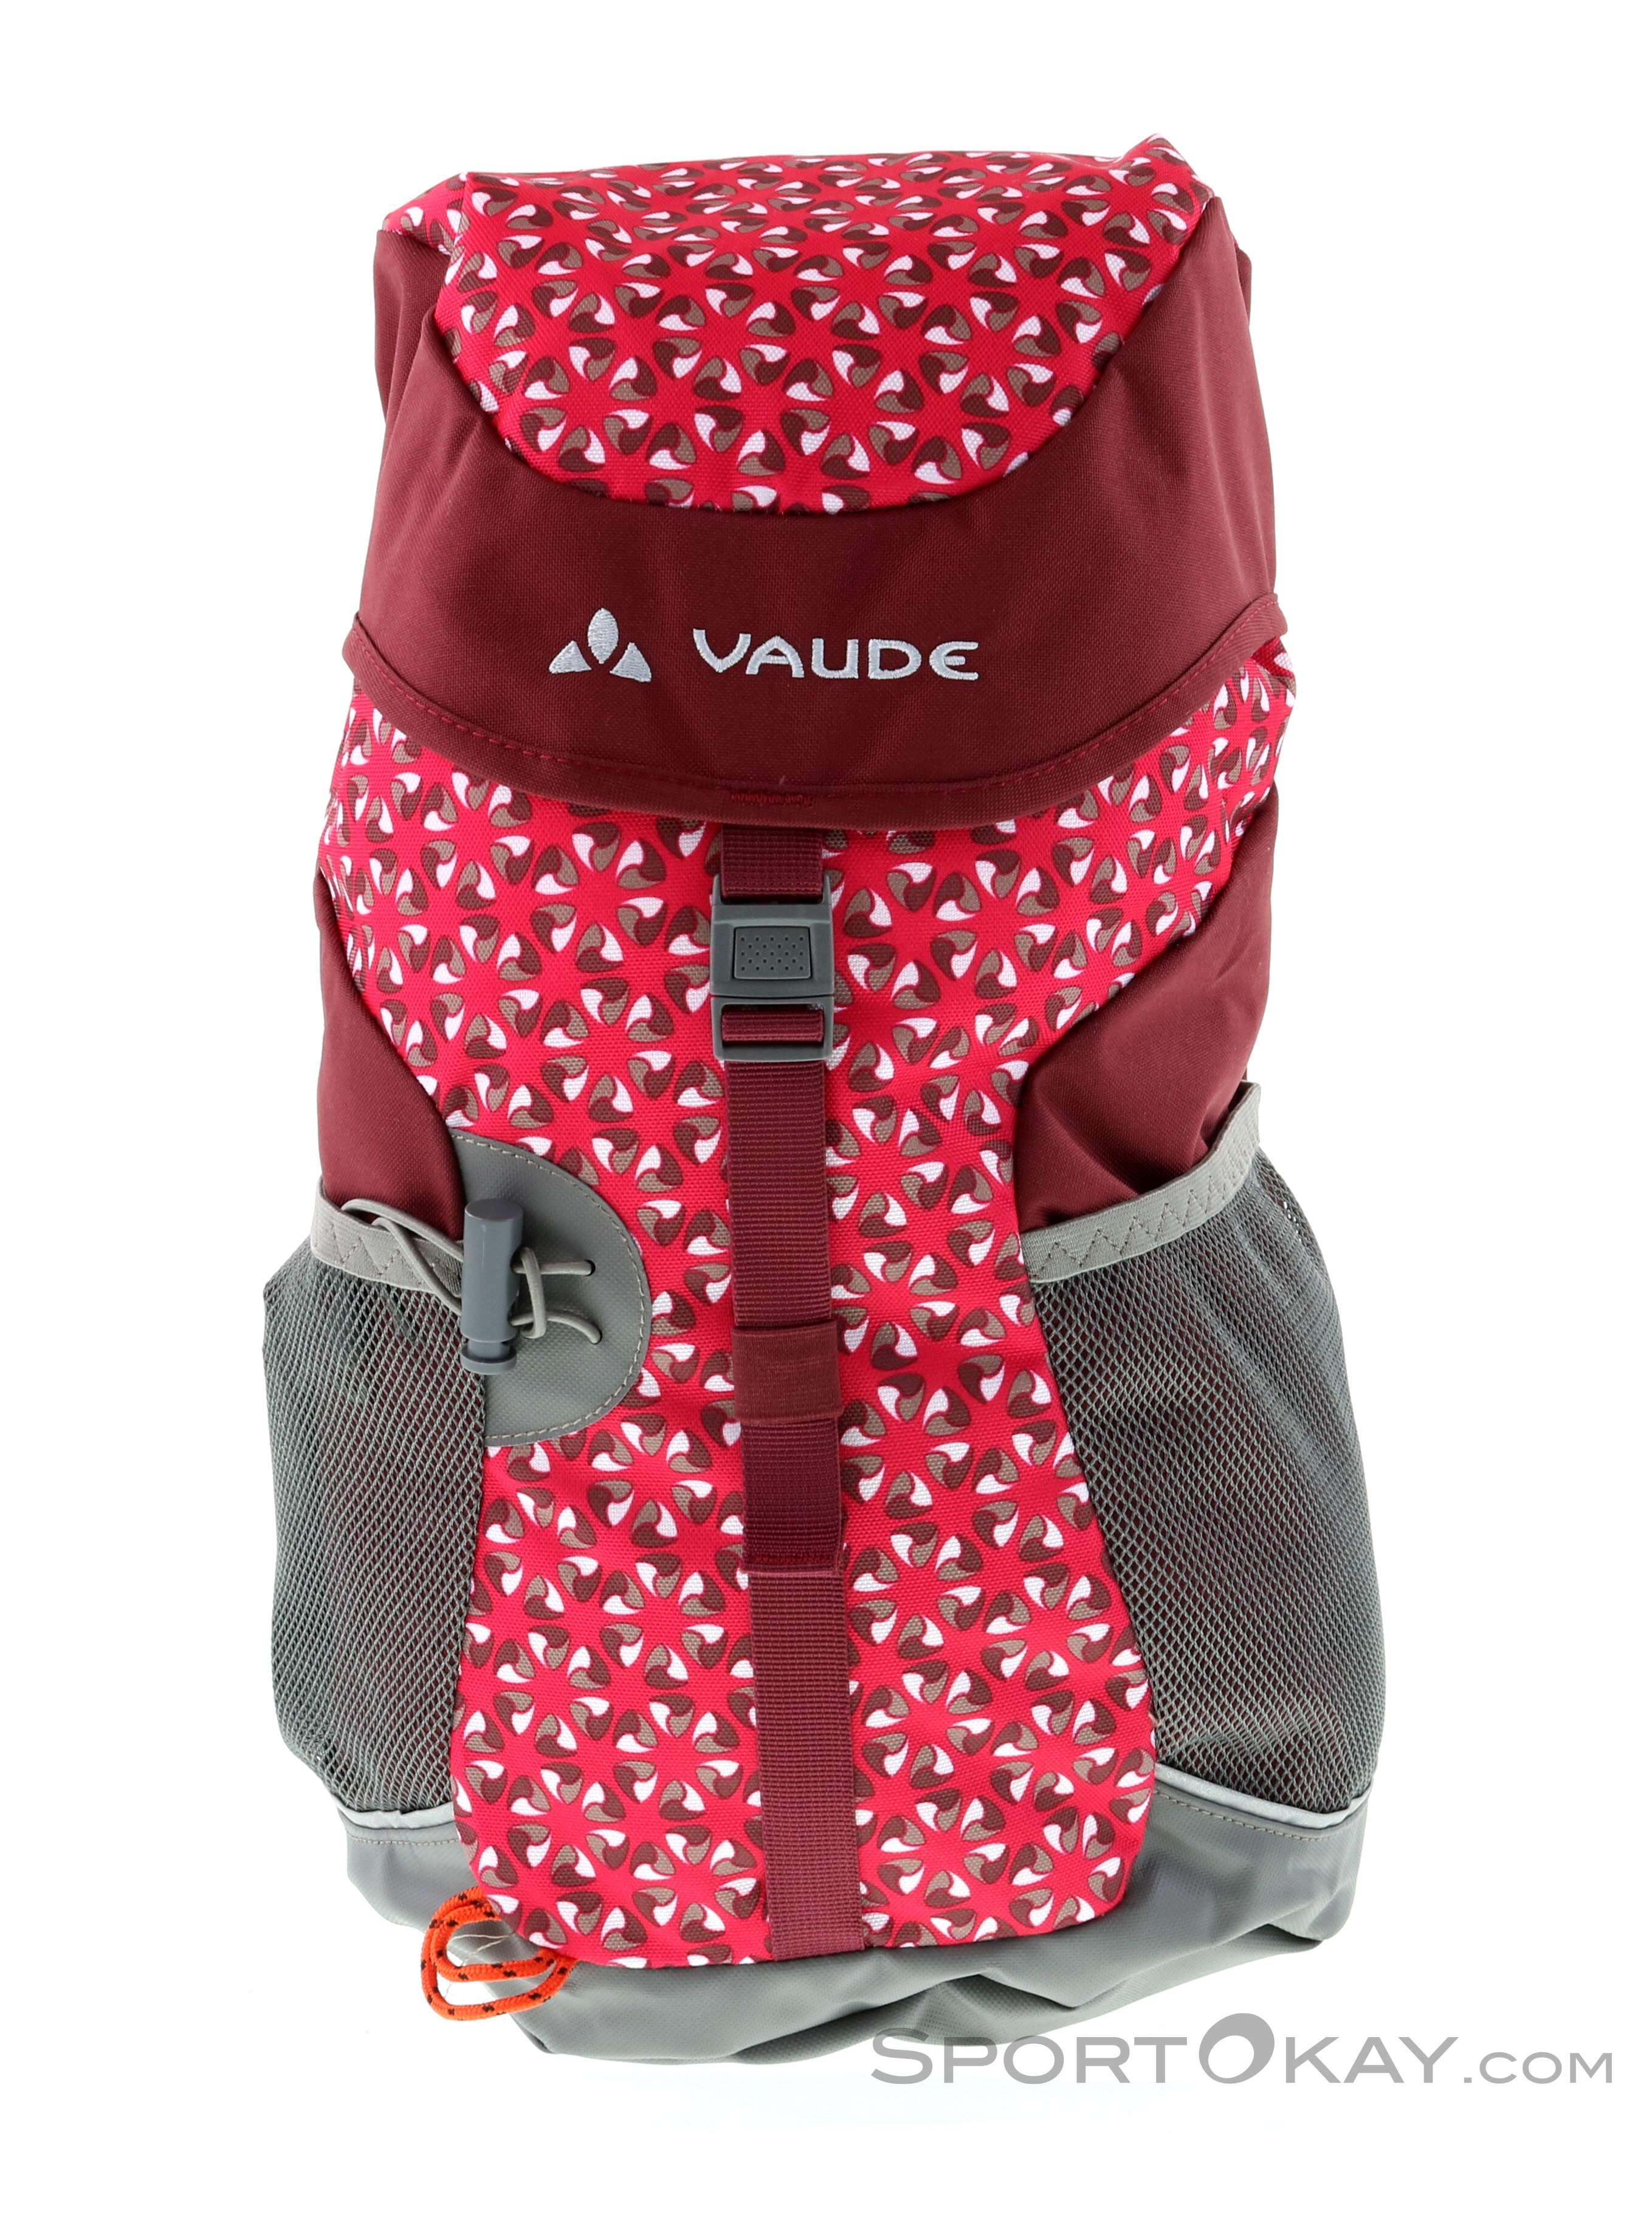 100% authentisch großer Rabatt Entdecken Sie die neuesten Trends Vaude Vaude Puck 10l Kinder Rucksack